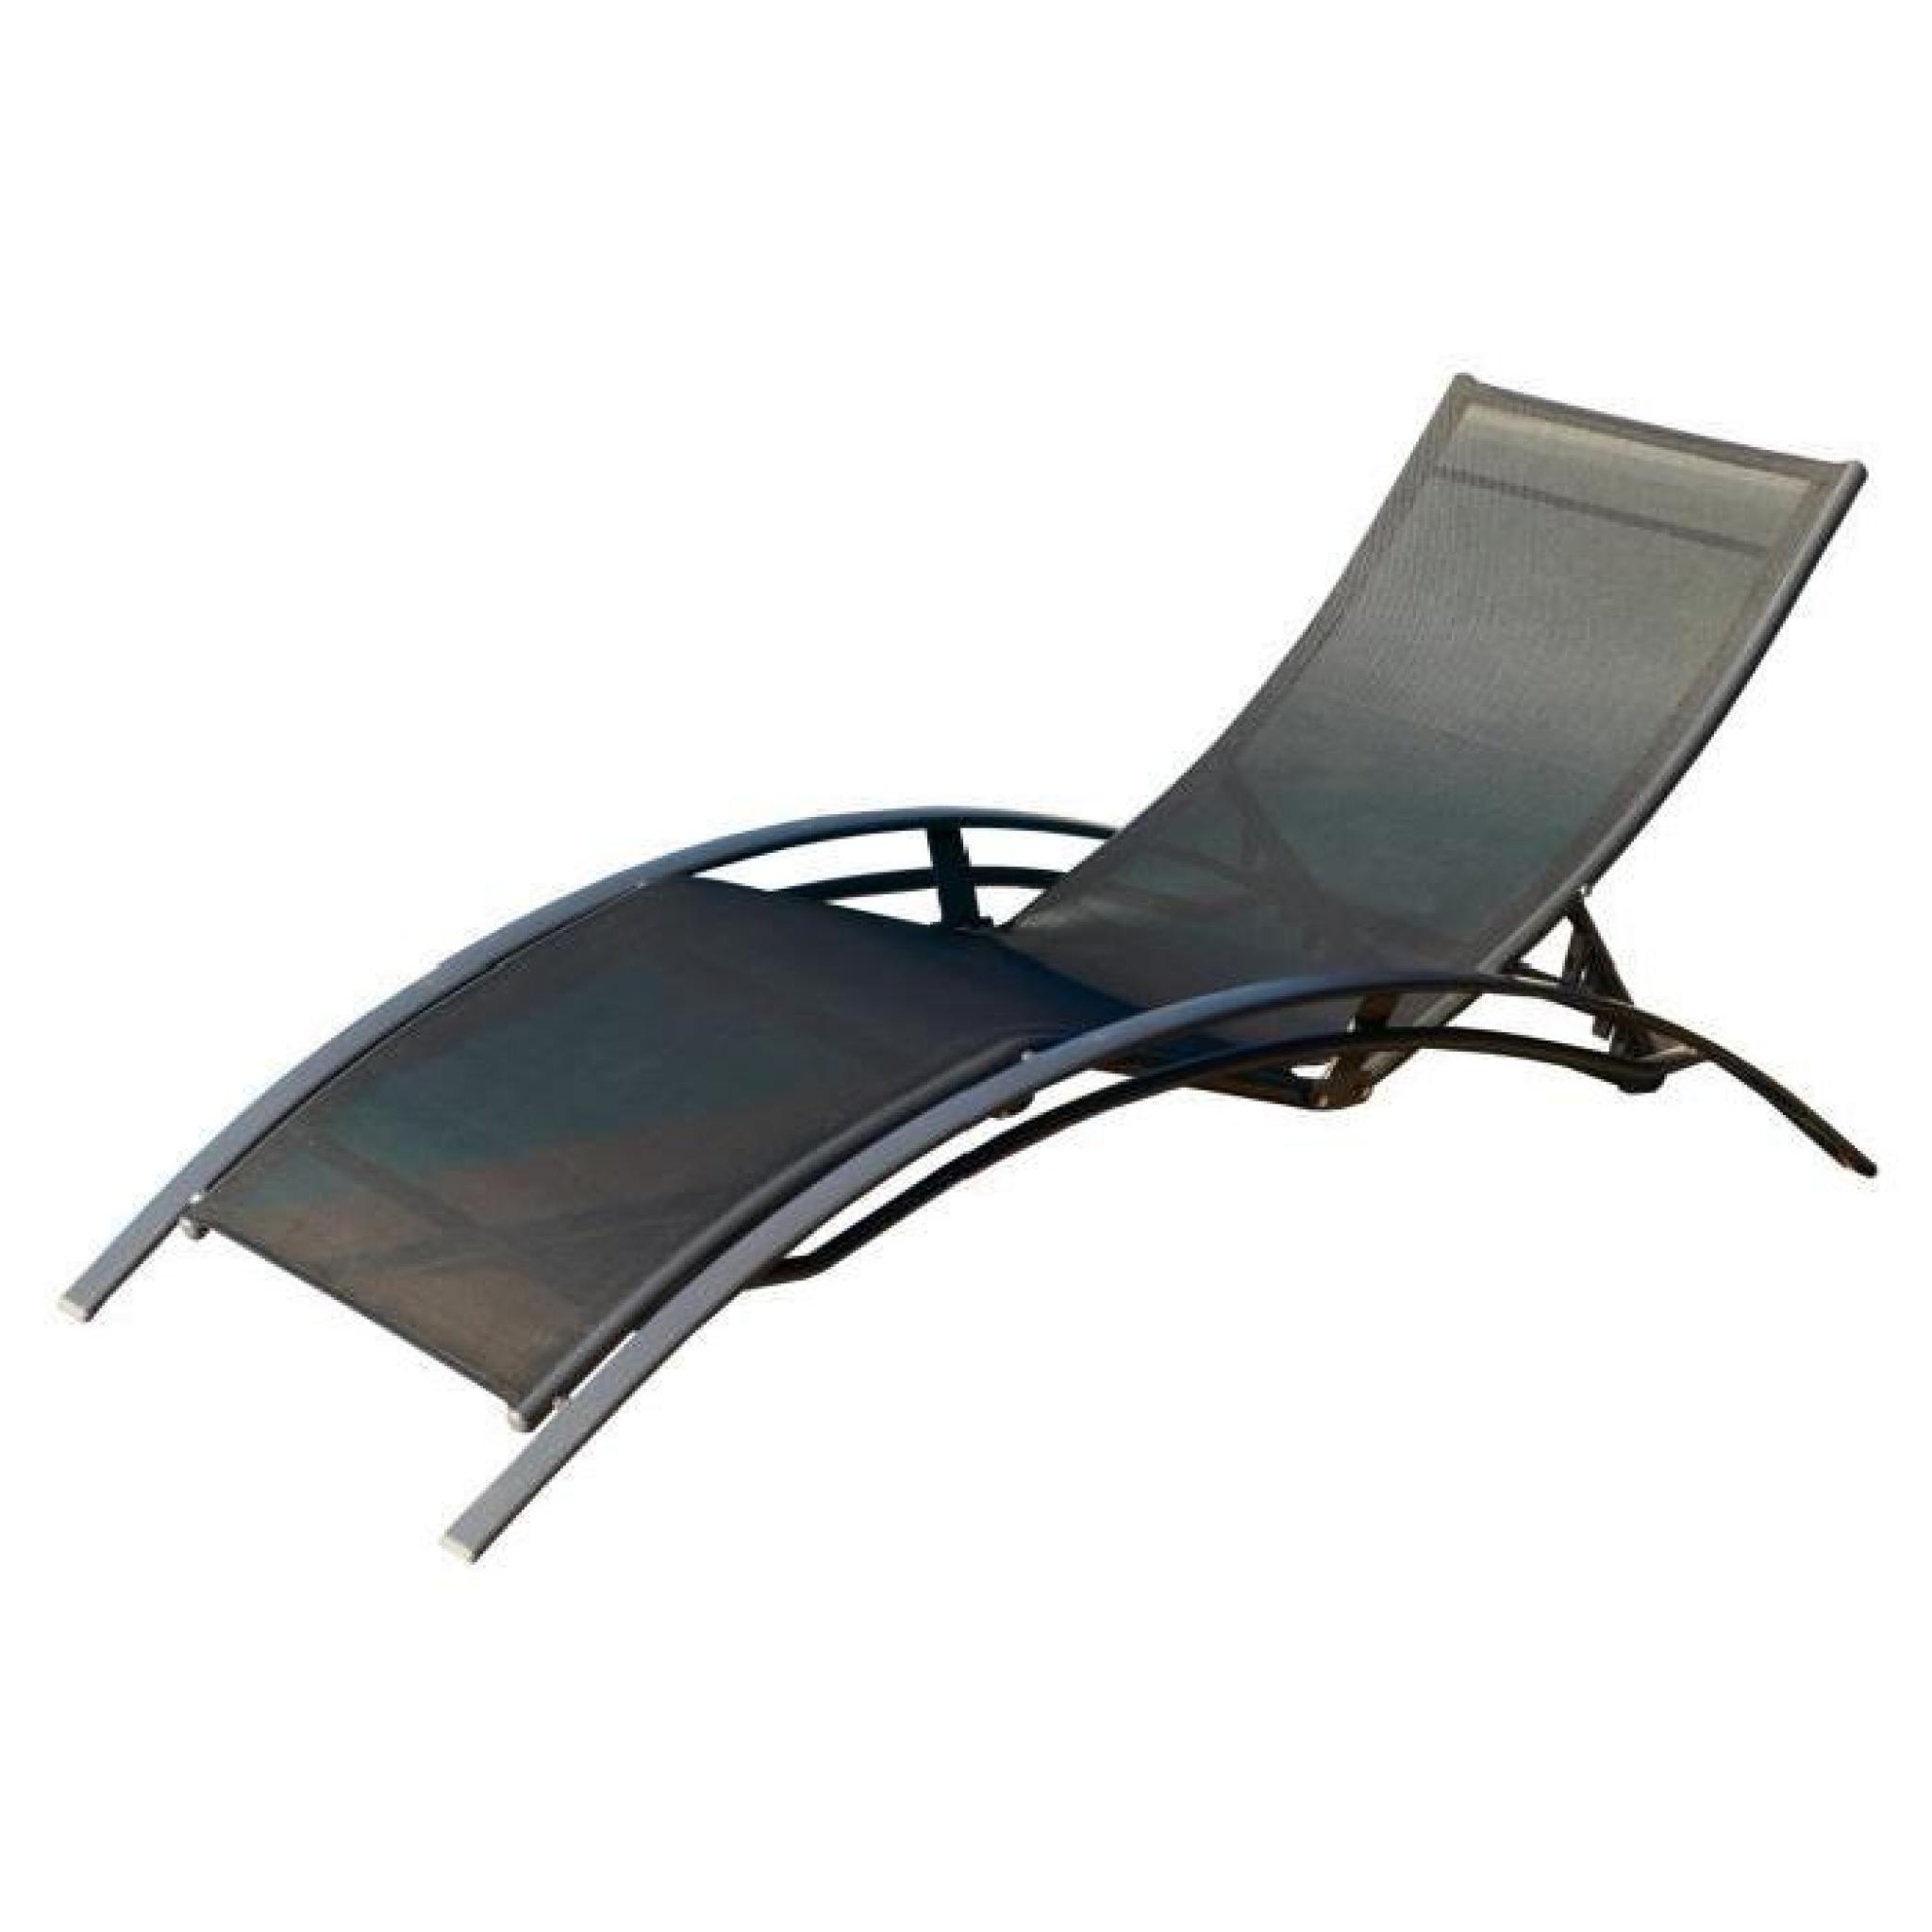 Chaise longue aluminium textilène noir - Achat/Vente transat de ...